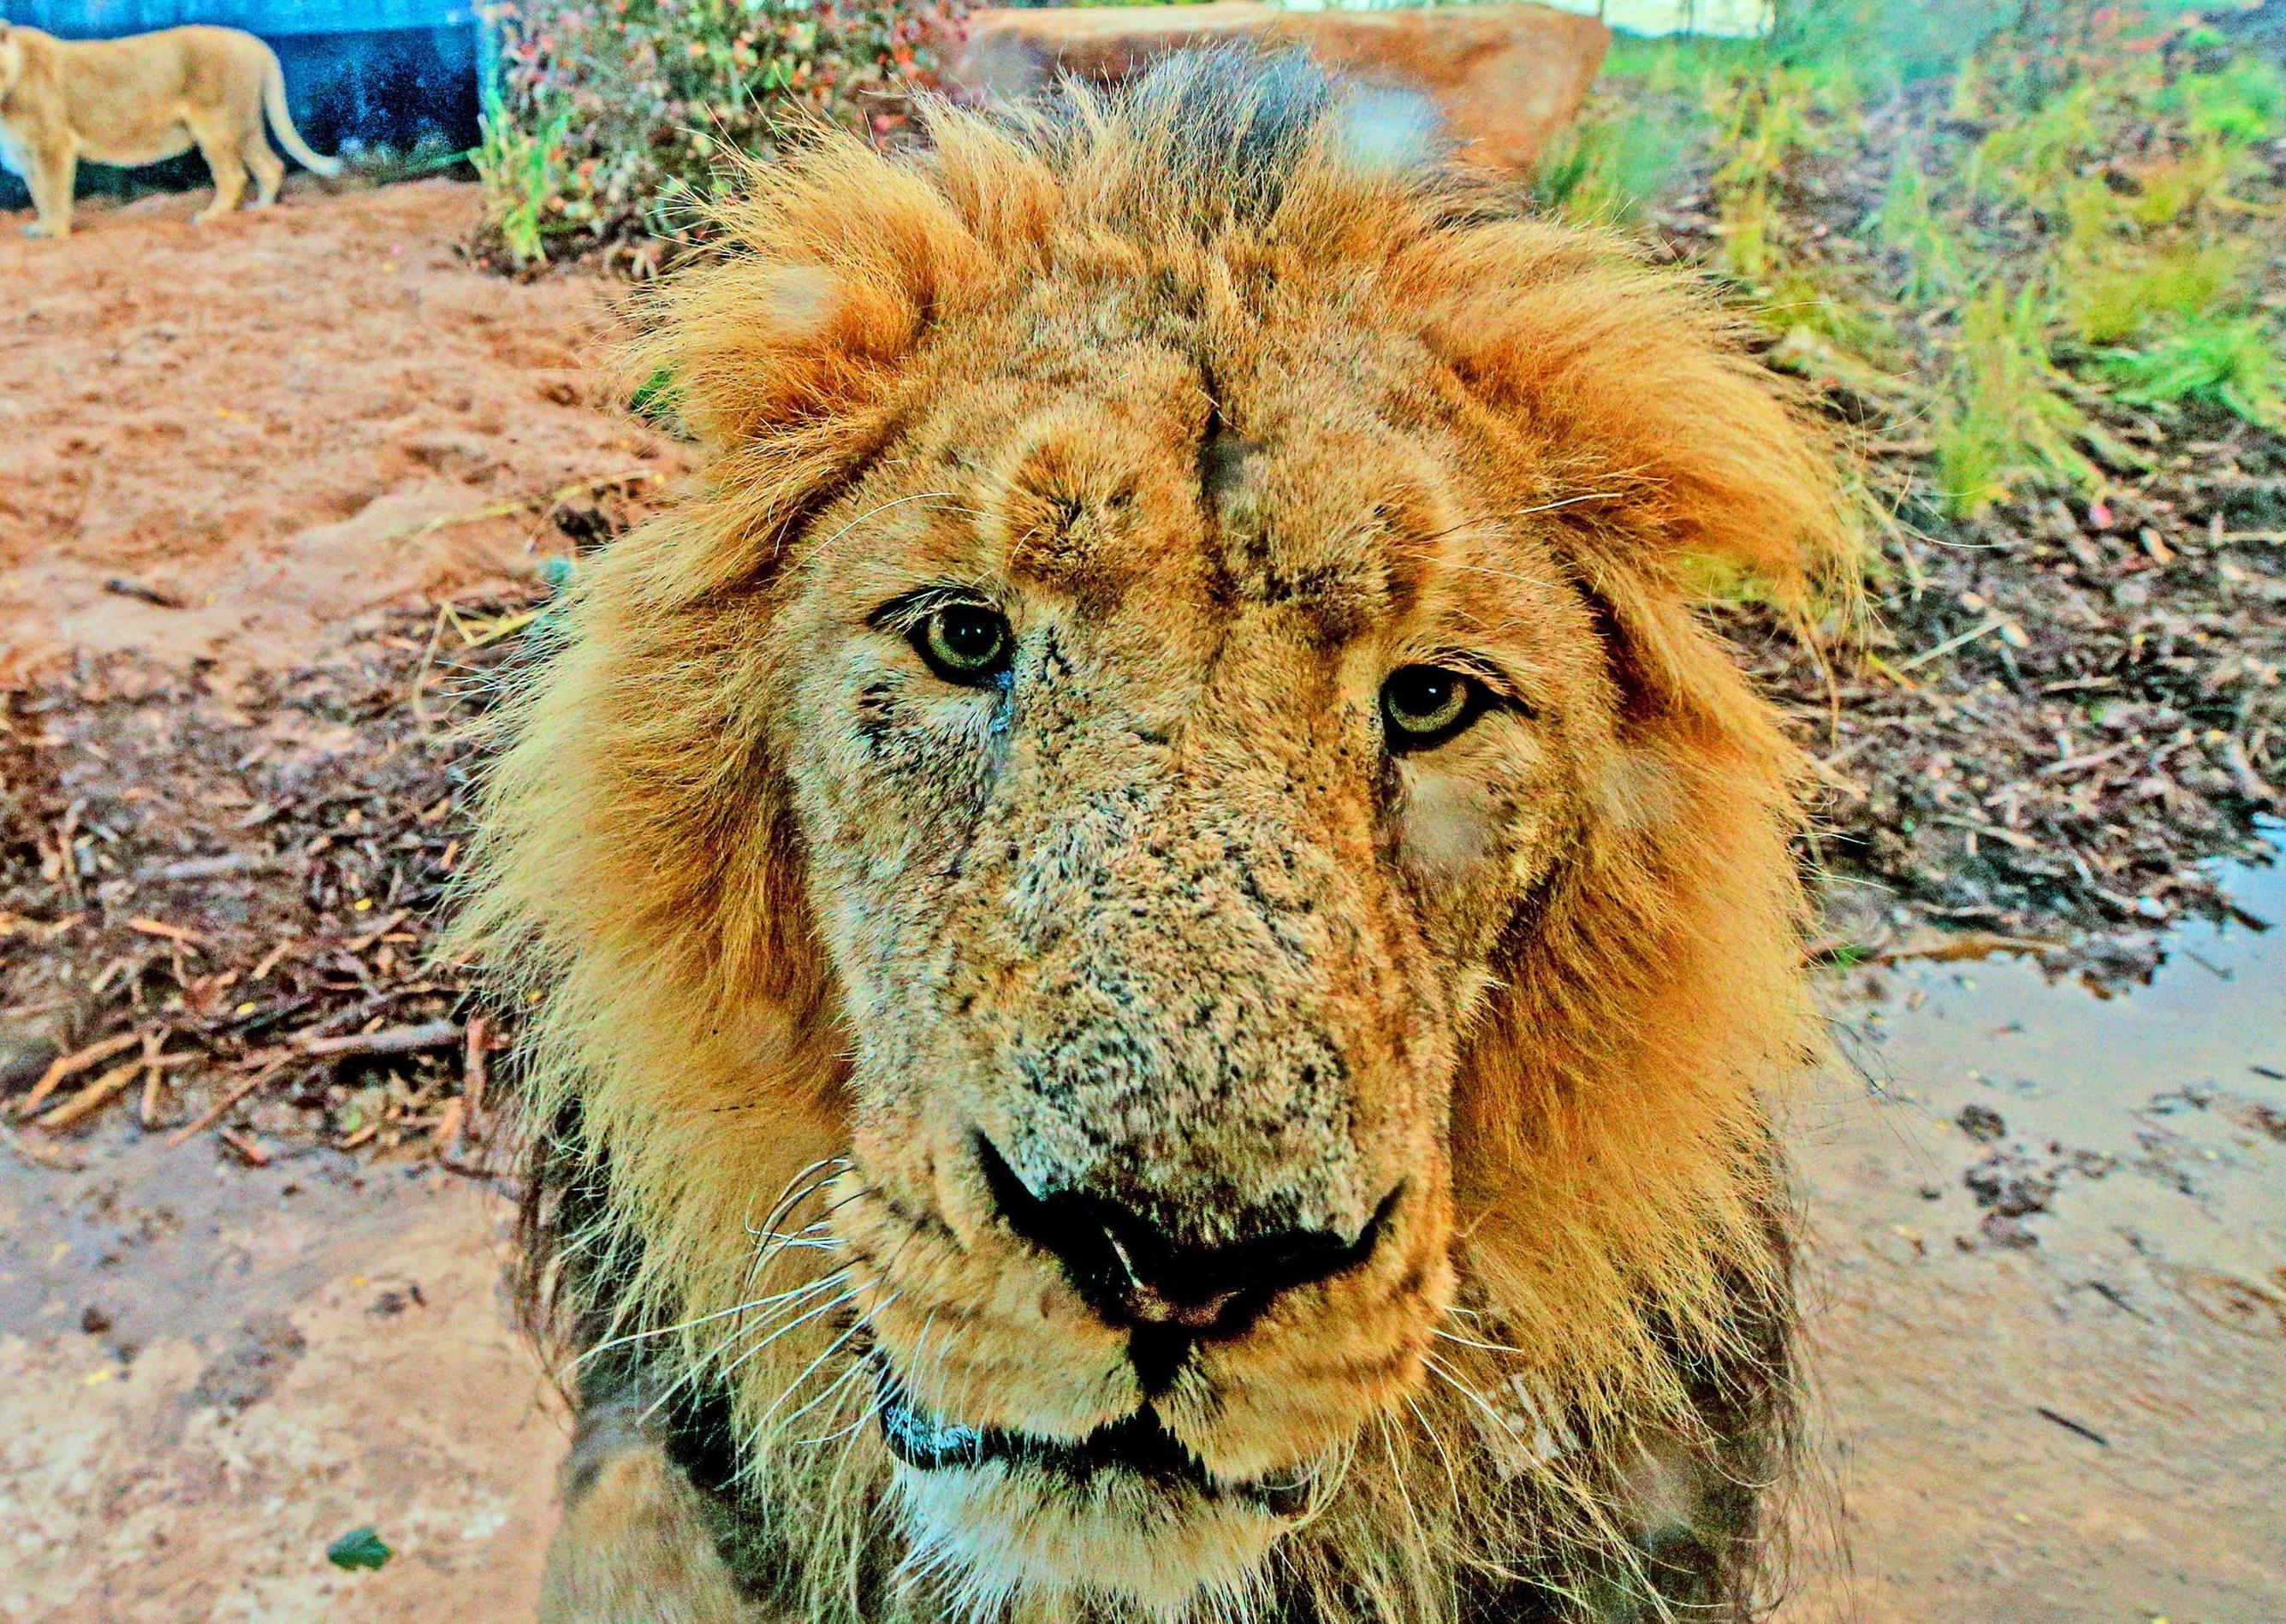 Coronavirus: A lion walks into a bar and other jokes for the lockdown – Steve Cardownie